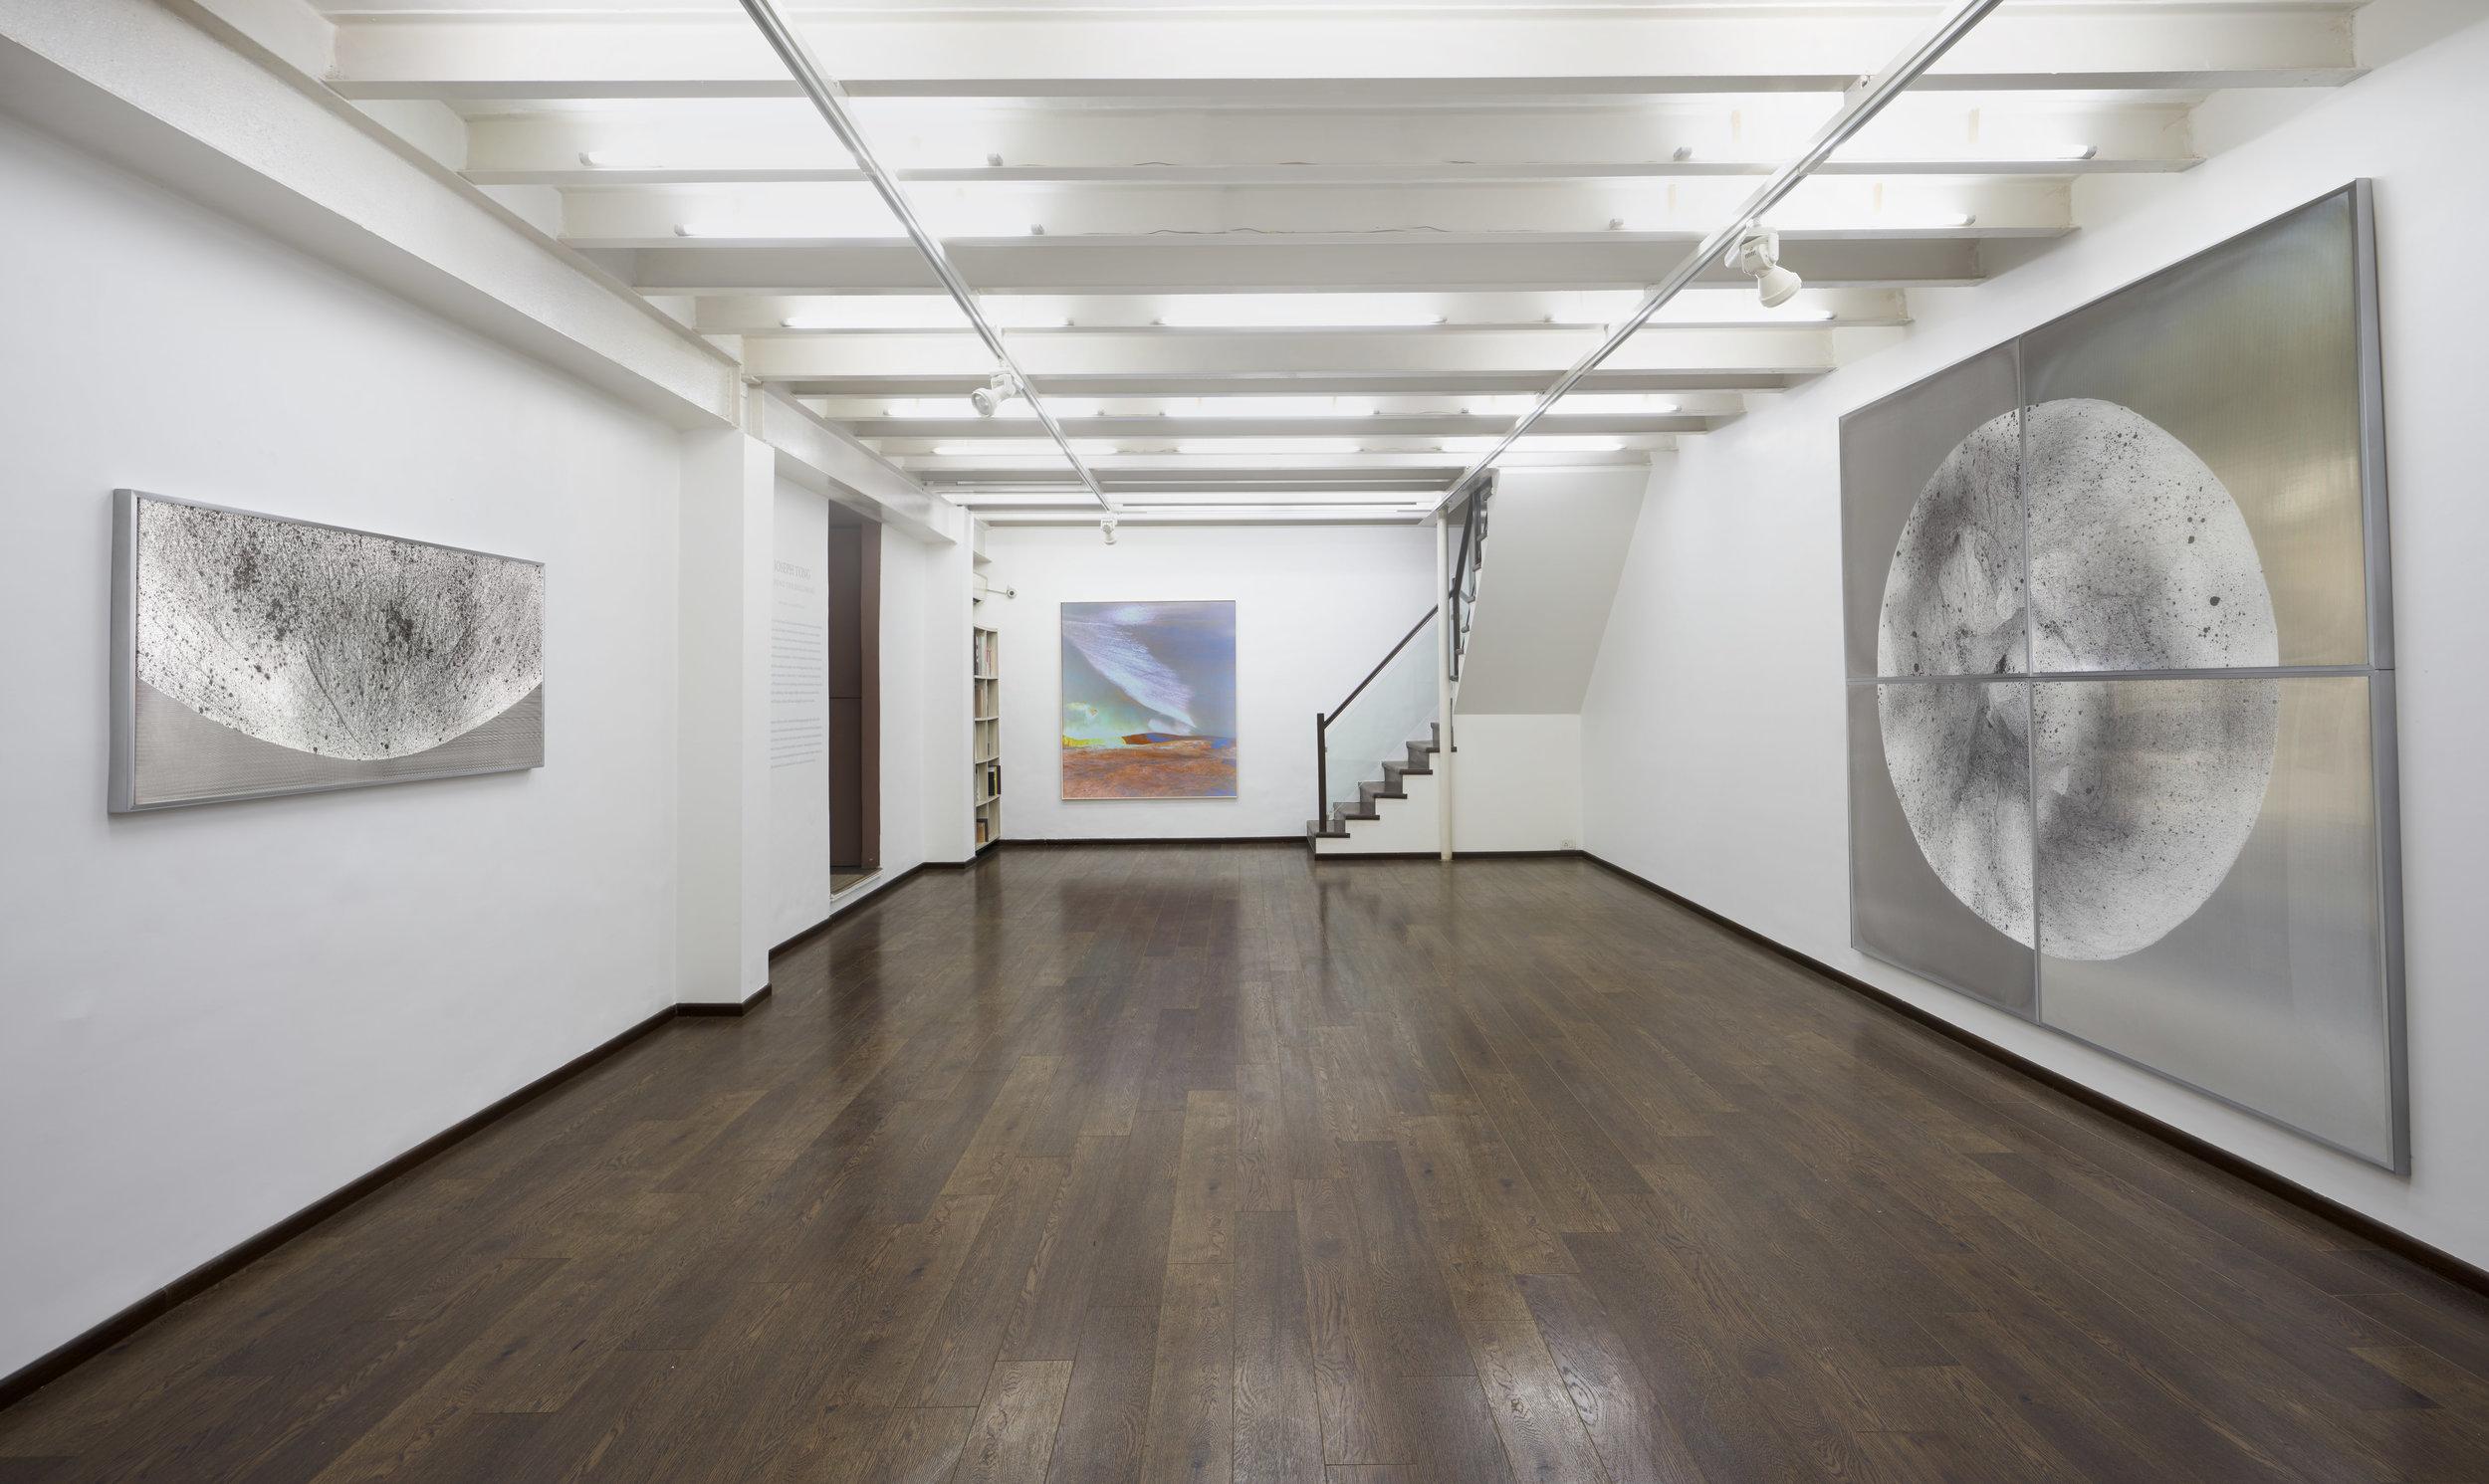 6 Galerie ISA 6199119.jpg